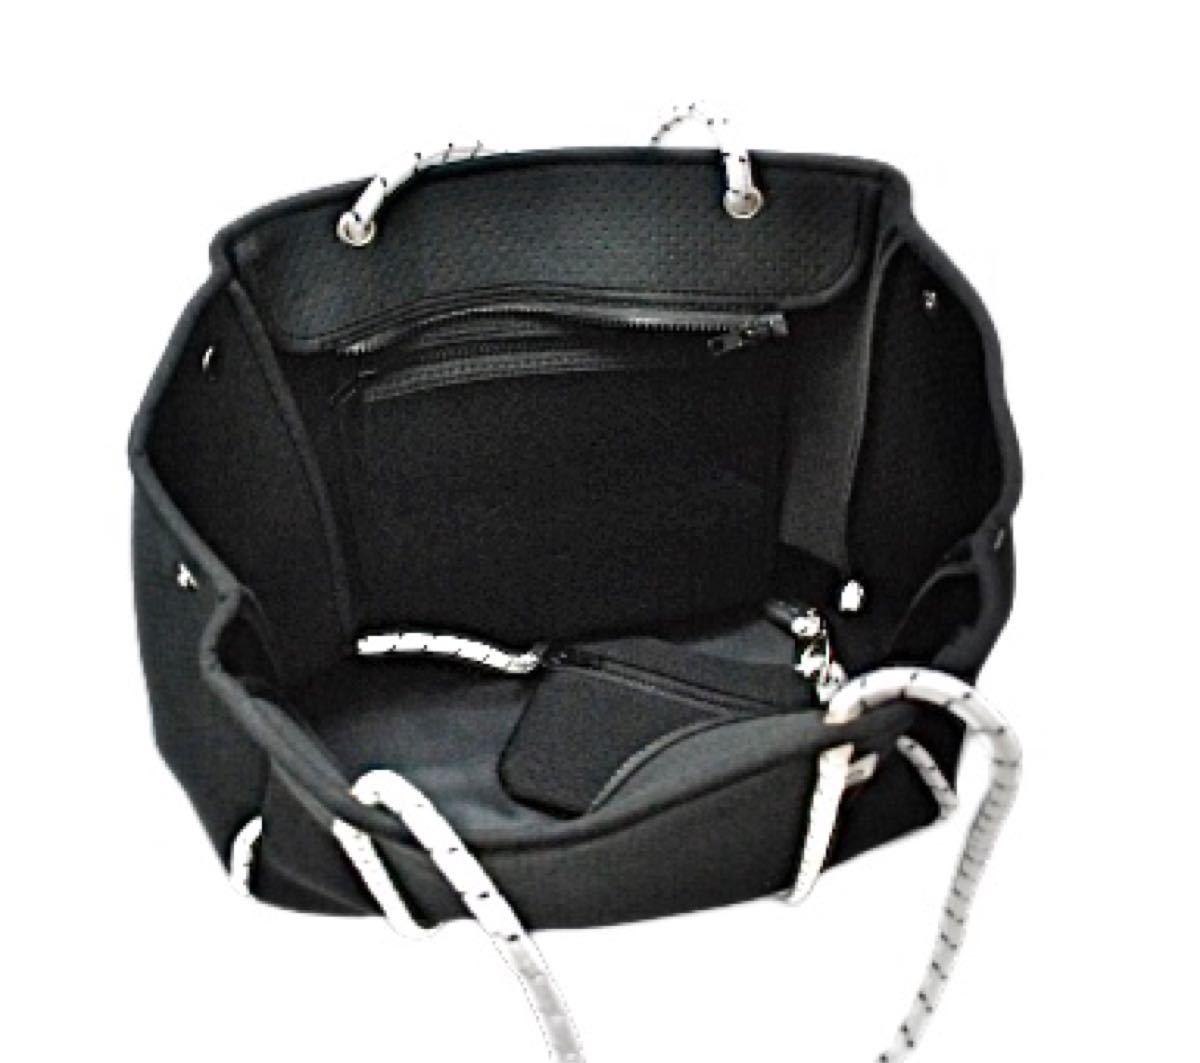 ショルダーバッグ トートバッグ 大容量 ブラック